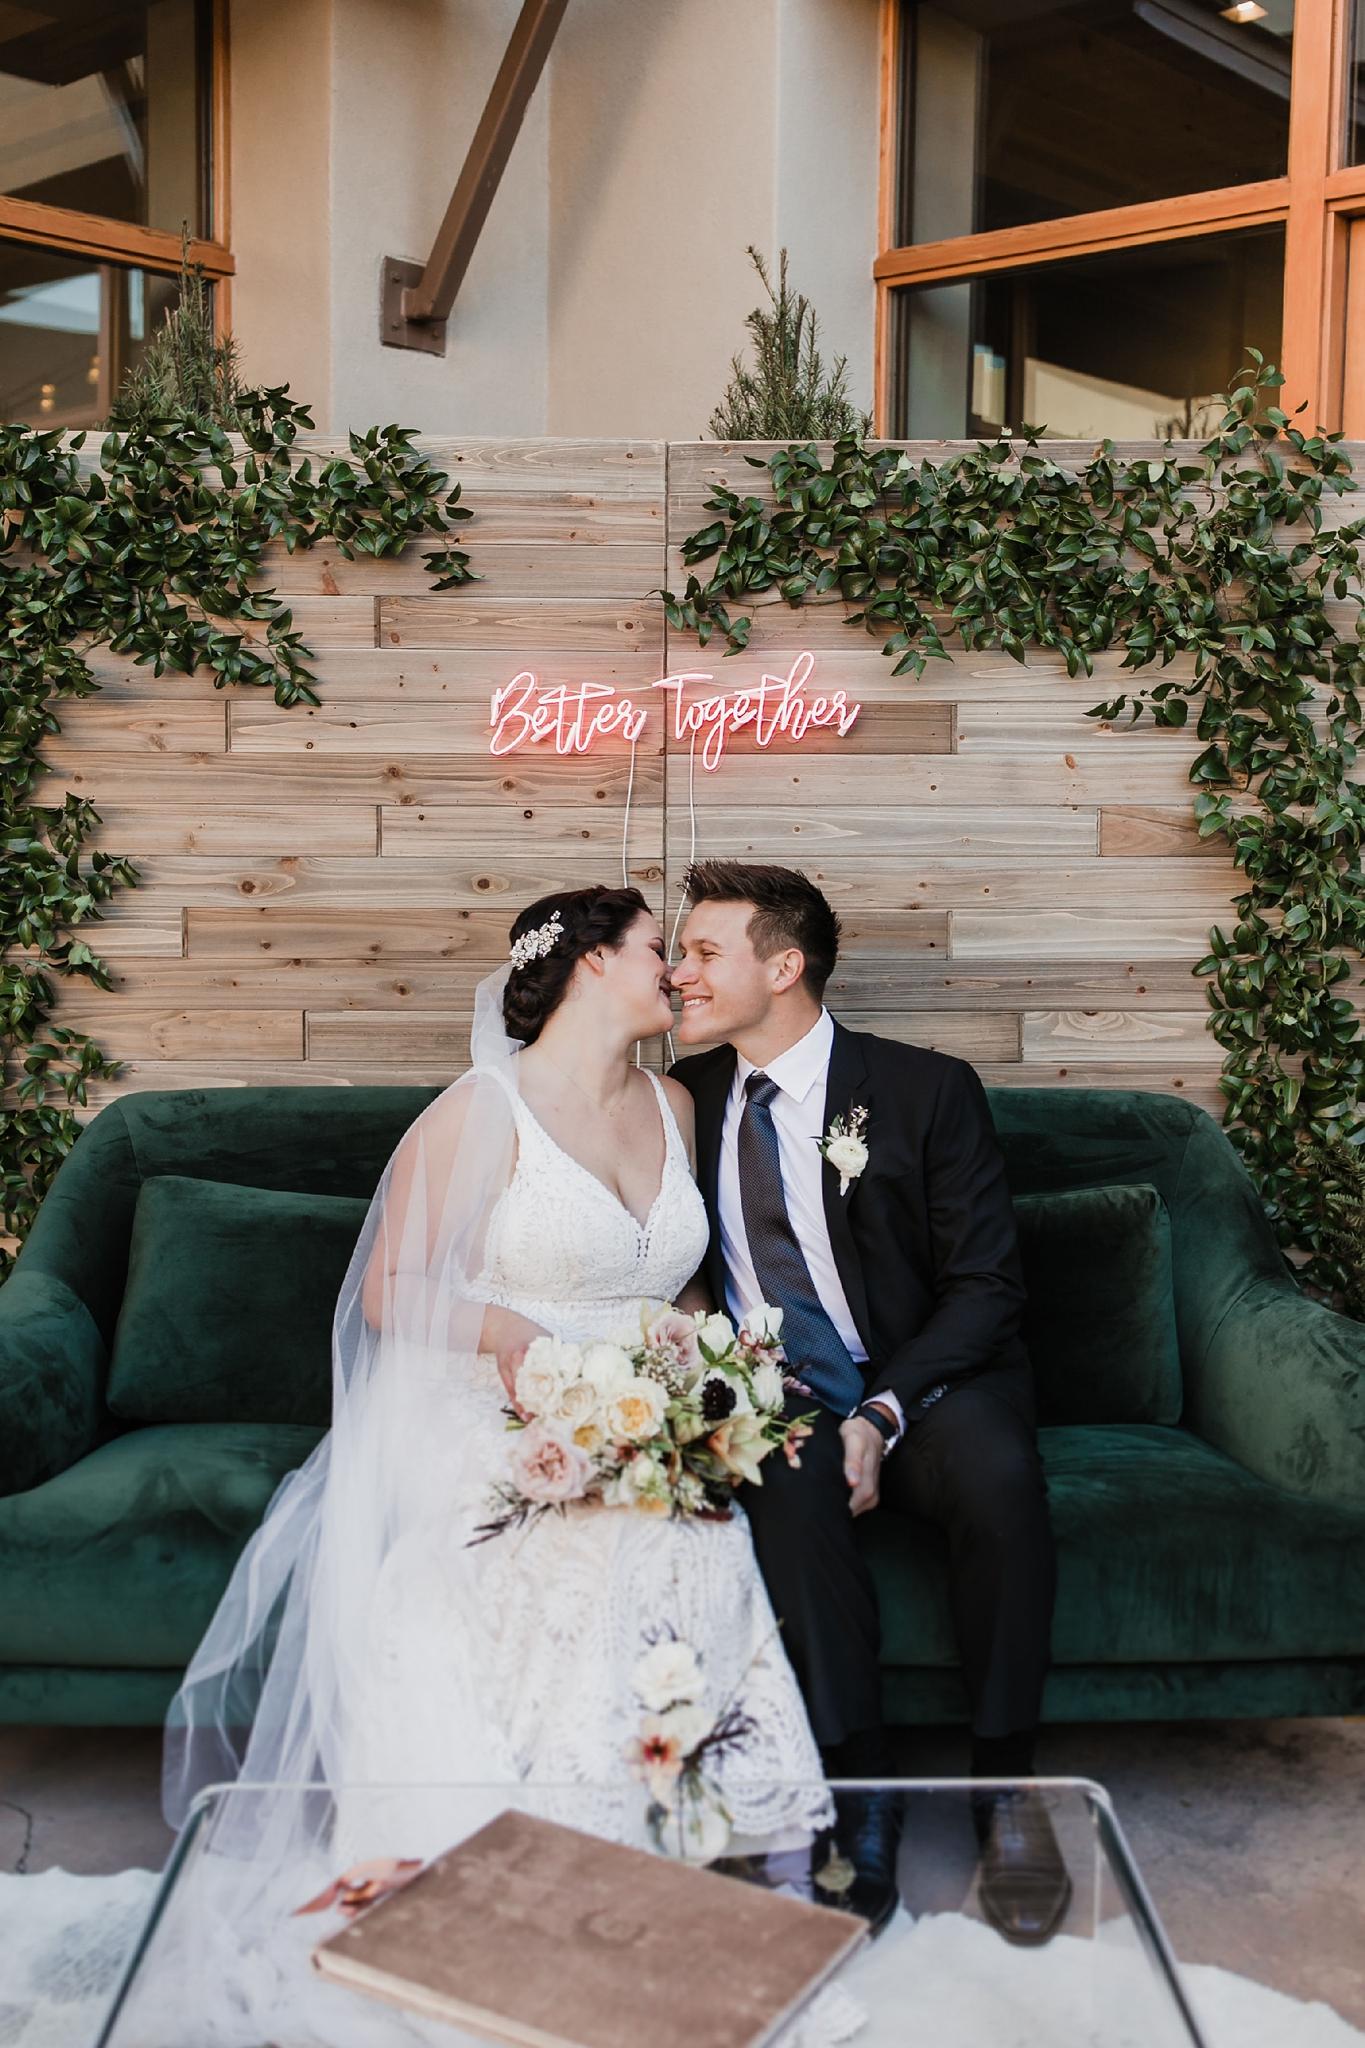 Alicia+lucia+photography+-+albuquerque+wedding+photographer+-+santa+fe+wedding+photography+-+new+mexico+wedding+photographer+-+new+mexico+wedding+-+new+mexico+wedding+-+wedding+planner+-+wedding+rentals+-+new+mexico+wedding+vendor_0014.jpg